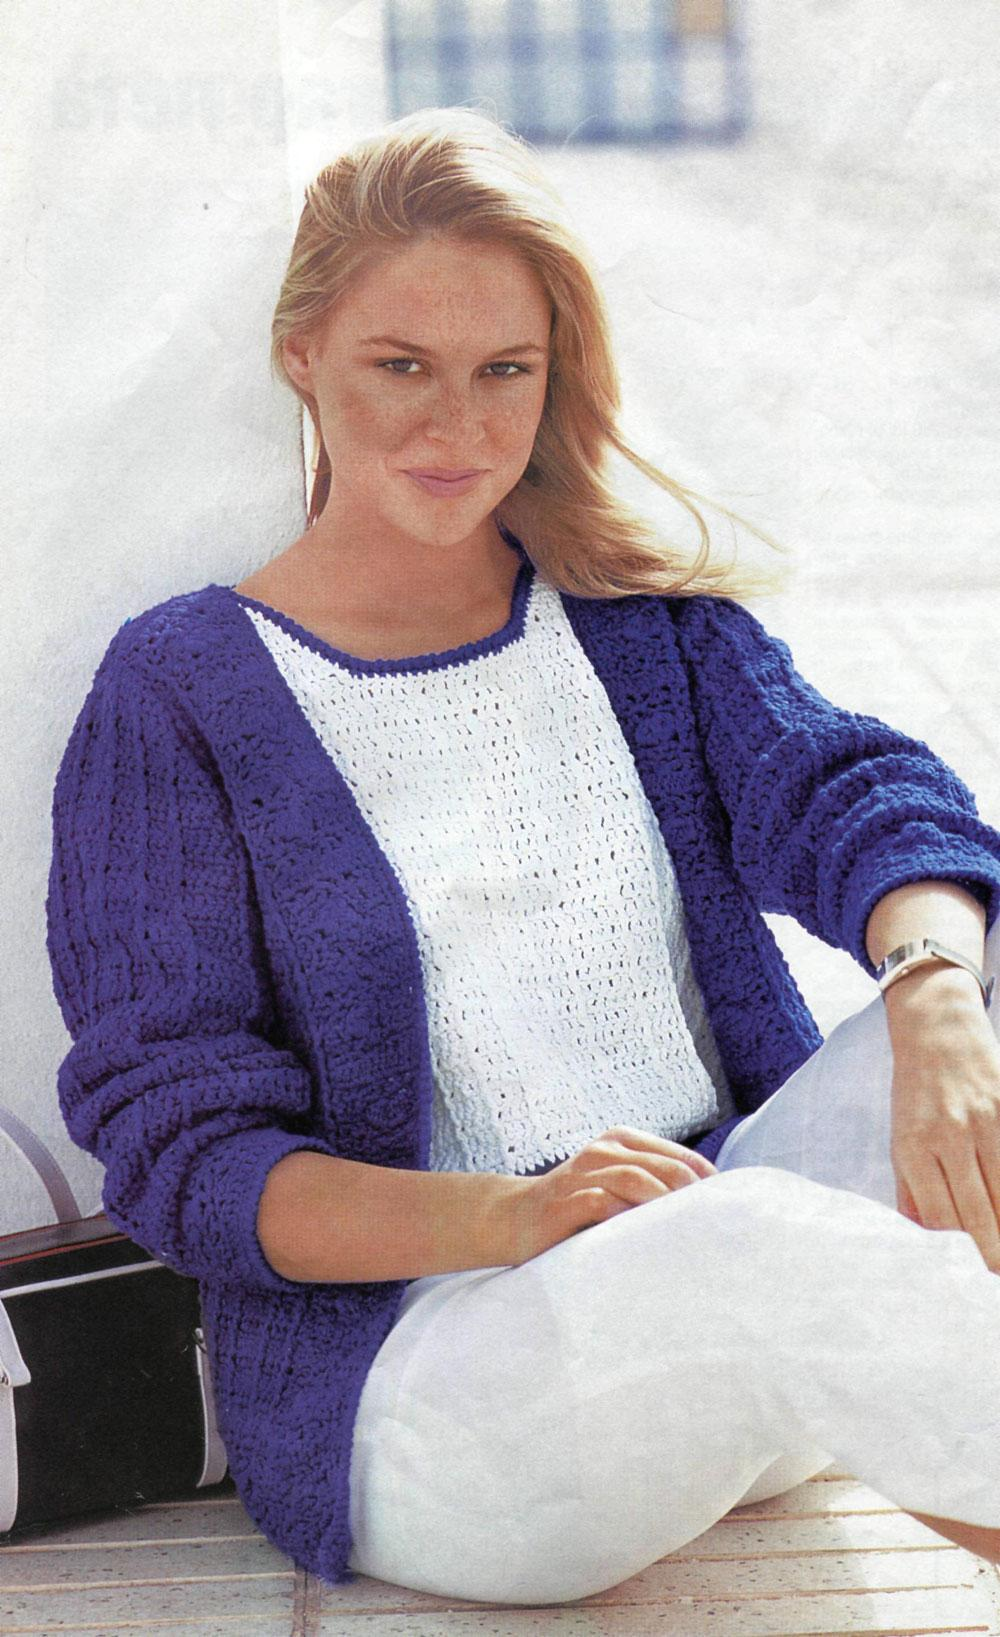 mavi renkli desenli örgü bayan hırka modeli